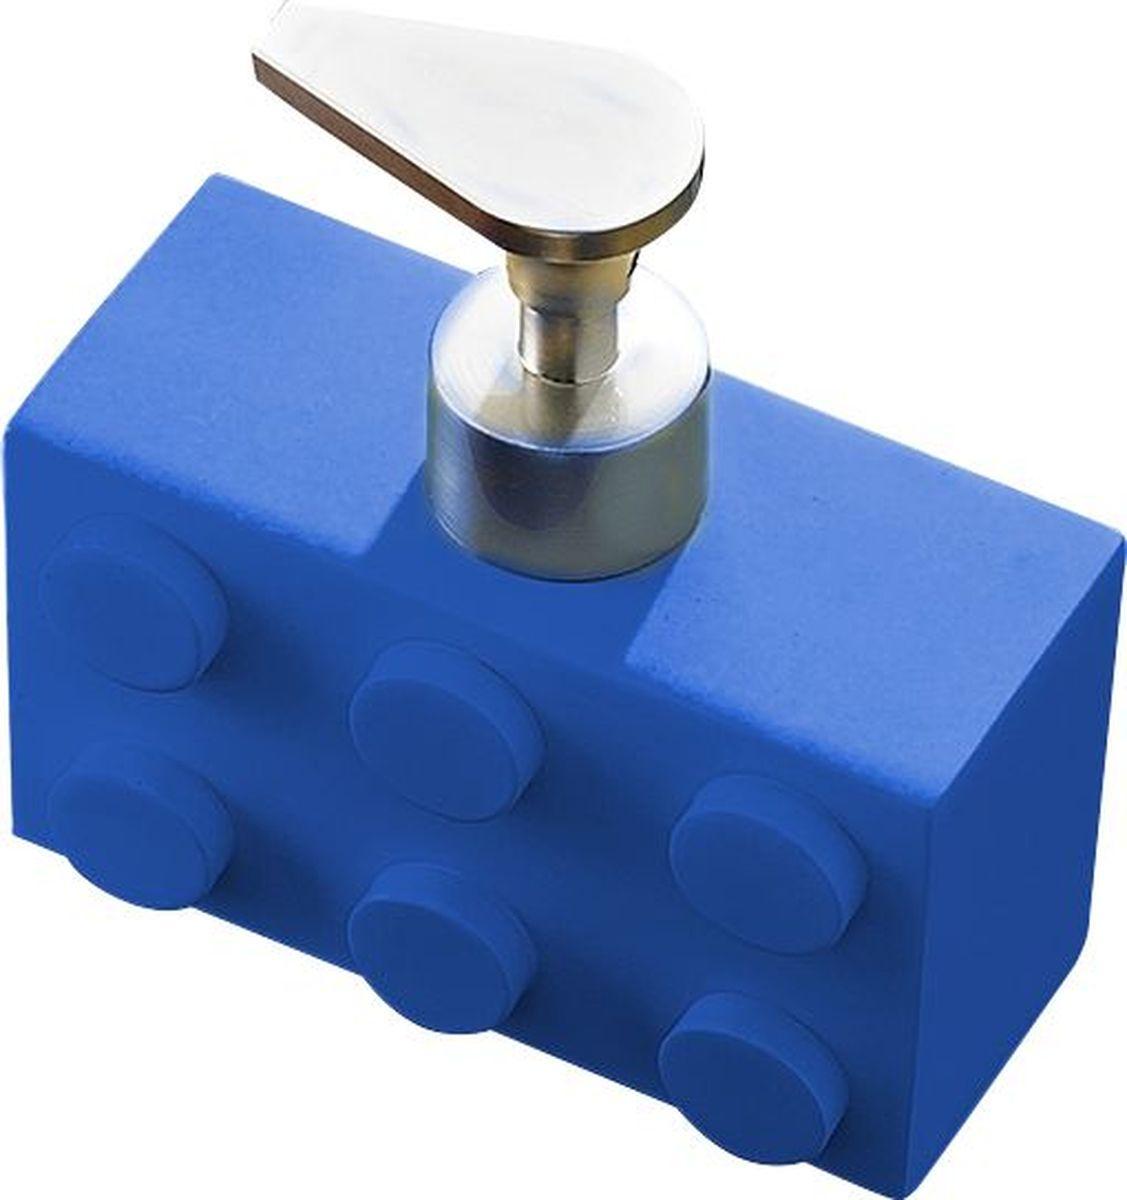 Дозатор для жидкого мыла Ridder Bob, цвет: синий, 280 млPARADIS I 75013-1W ANTIQUEДозатор для жидкого мыла Ridder Bob, изготовленный из экологичной полирезины,отлично подойдет для вашей ванной комнаты.Такой аксессуар очень удобен в использовании,достаточно лишь перелить жидкое мыло вдозатор, а когда необходимо использованиемыла, легким нажатием выдавить нужноеколичество. Дозатор для жидкого мыла Ridder Bobсоздаст особую атмосферу уюта и максимальногокомфорта в ванной.Объем дозатора: 280 мл.